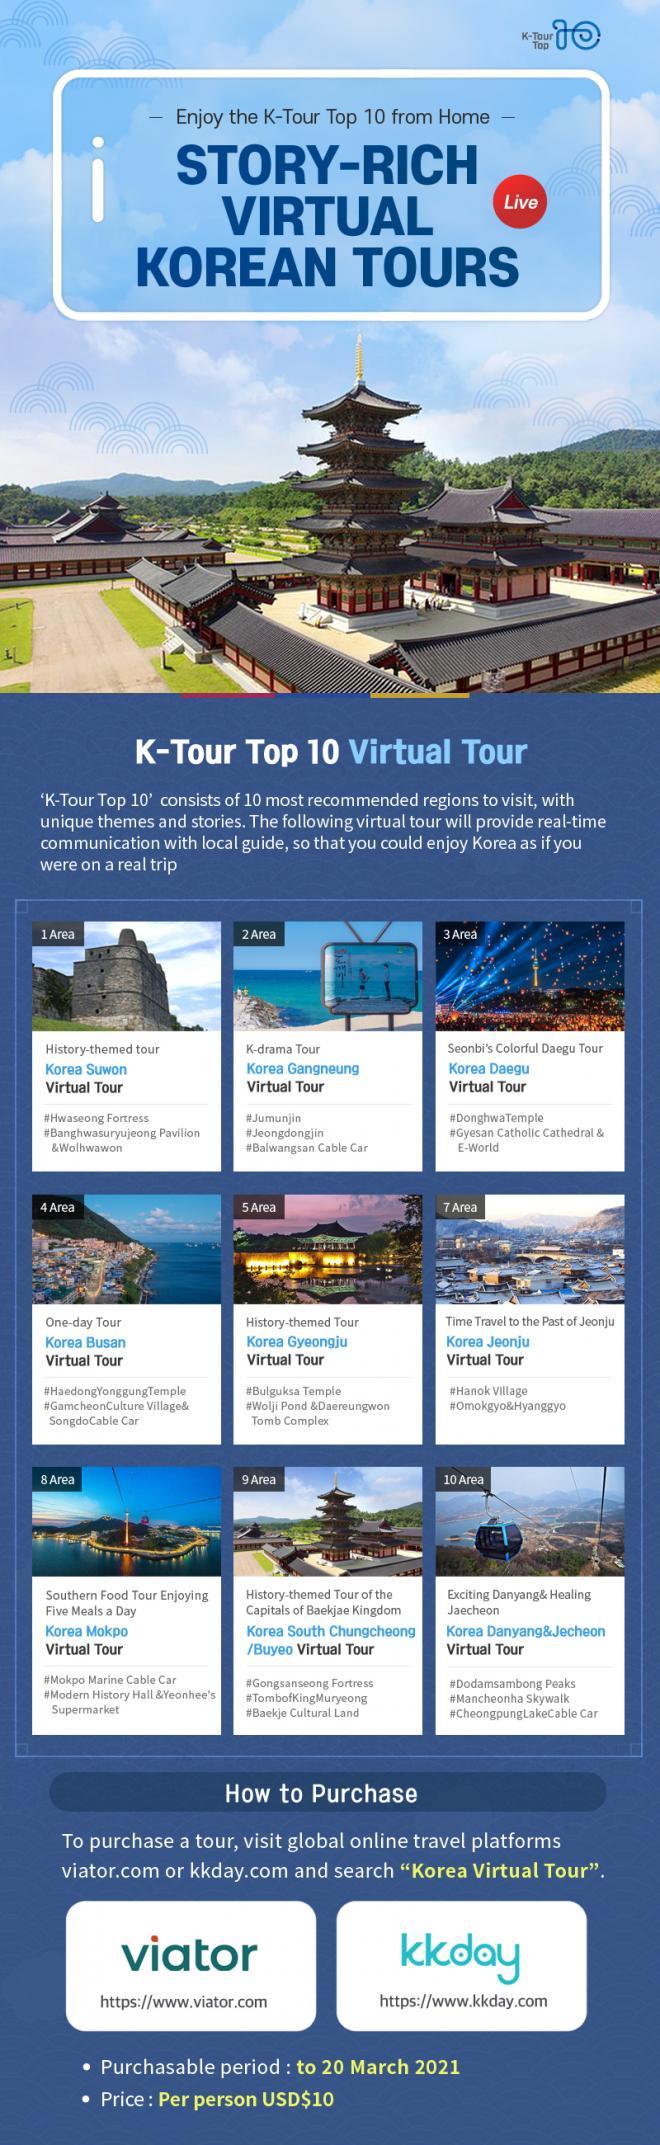 K-Tour Top 10